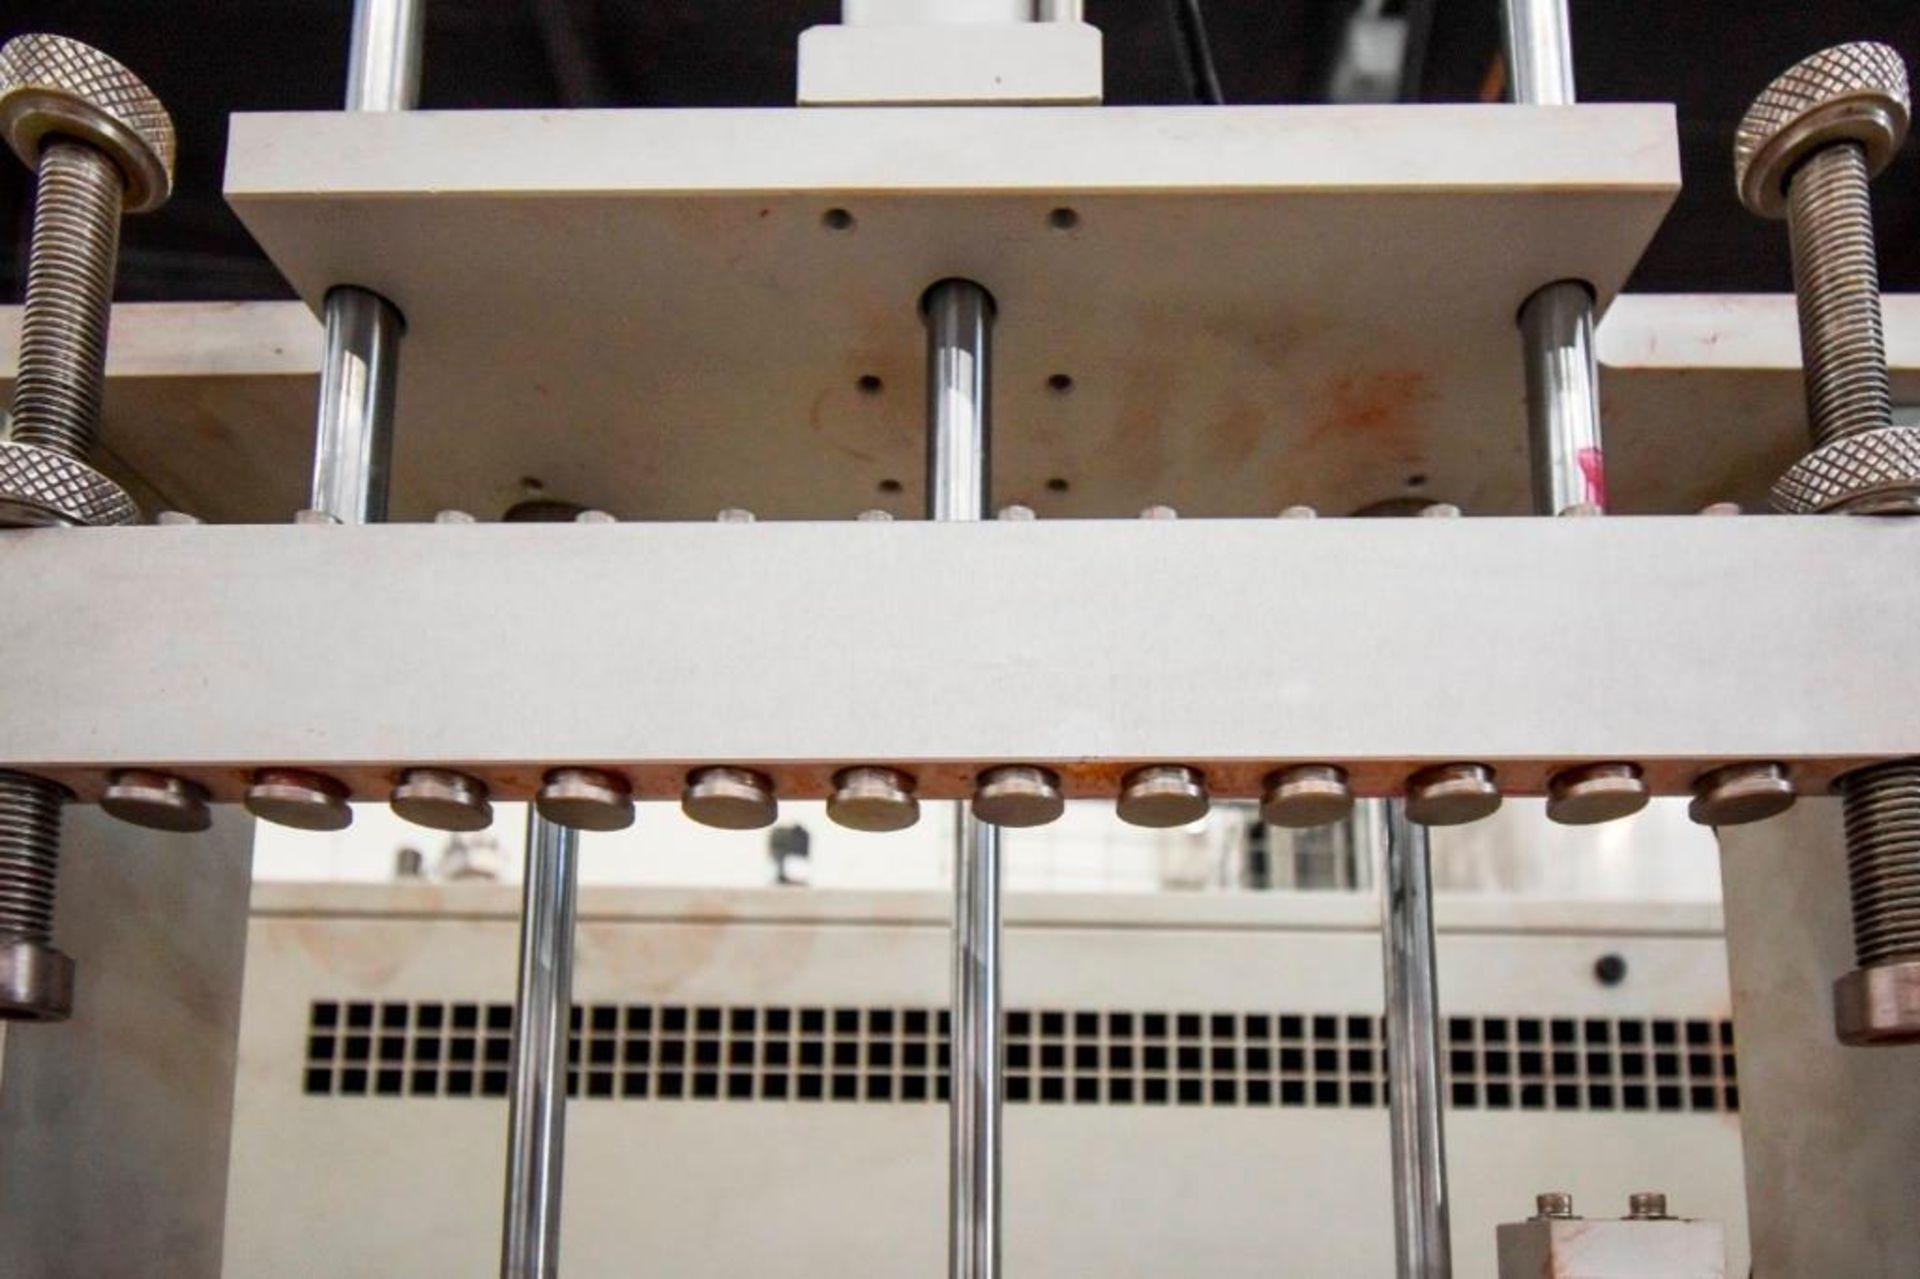 Yu Hao L-822SA Lipstick Release - Image 7 of 17